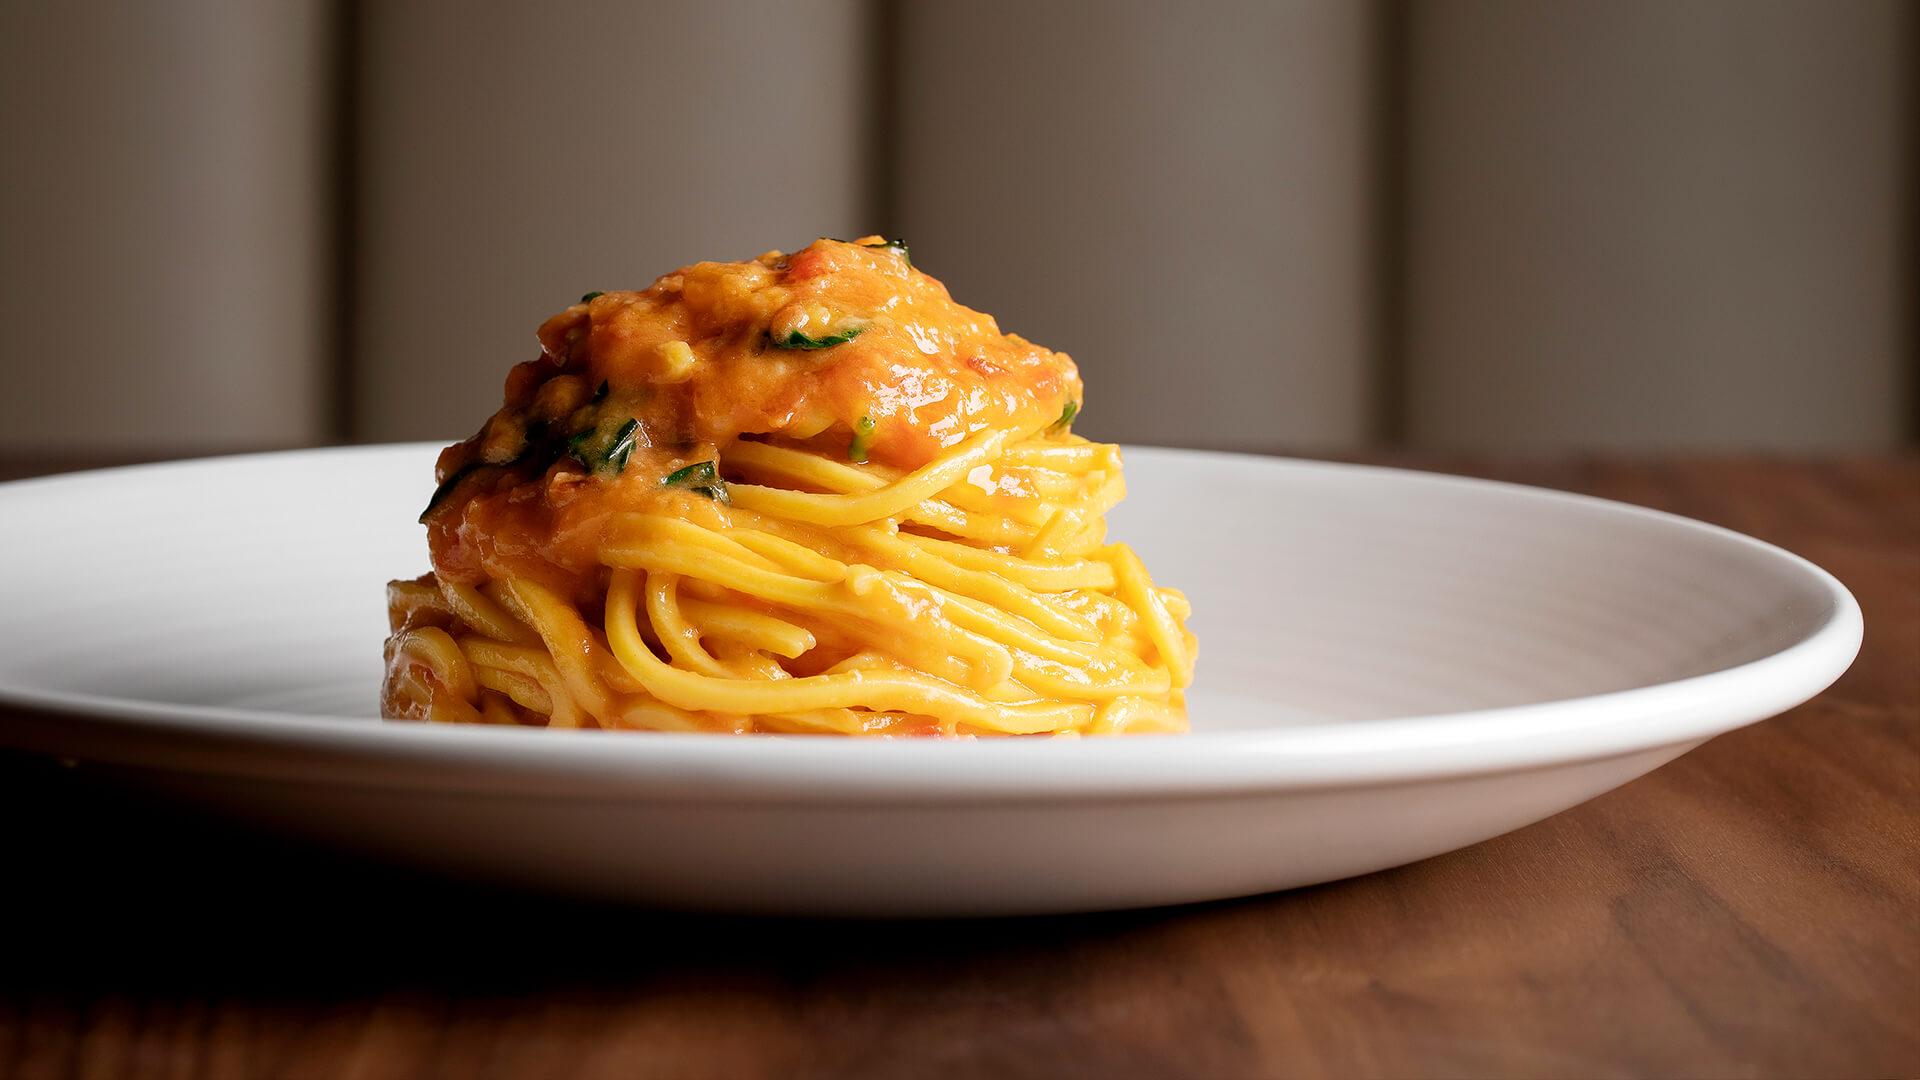 Sette's Tomato and Basil Spaghetti